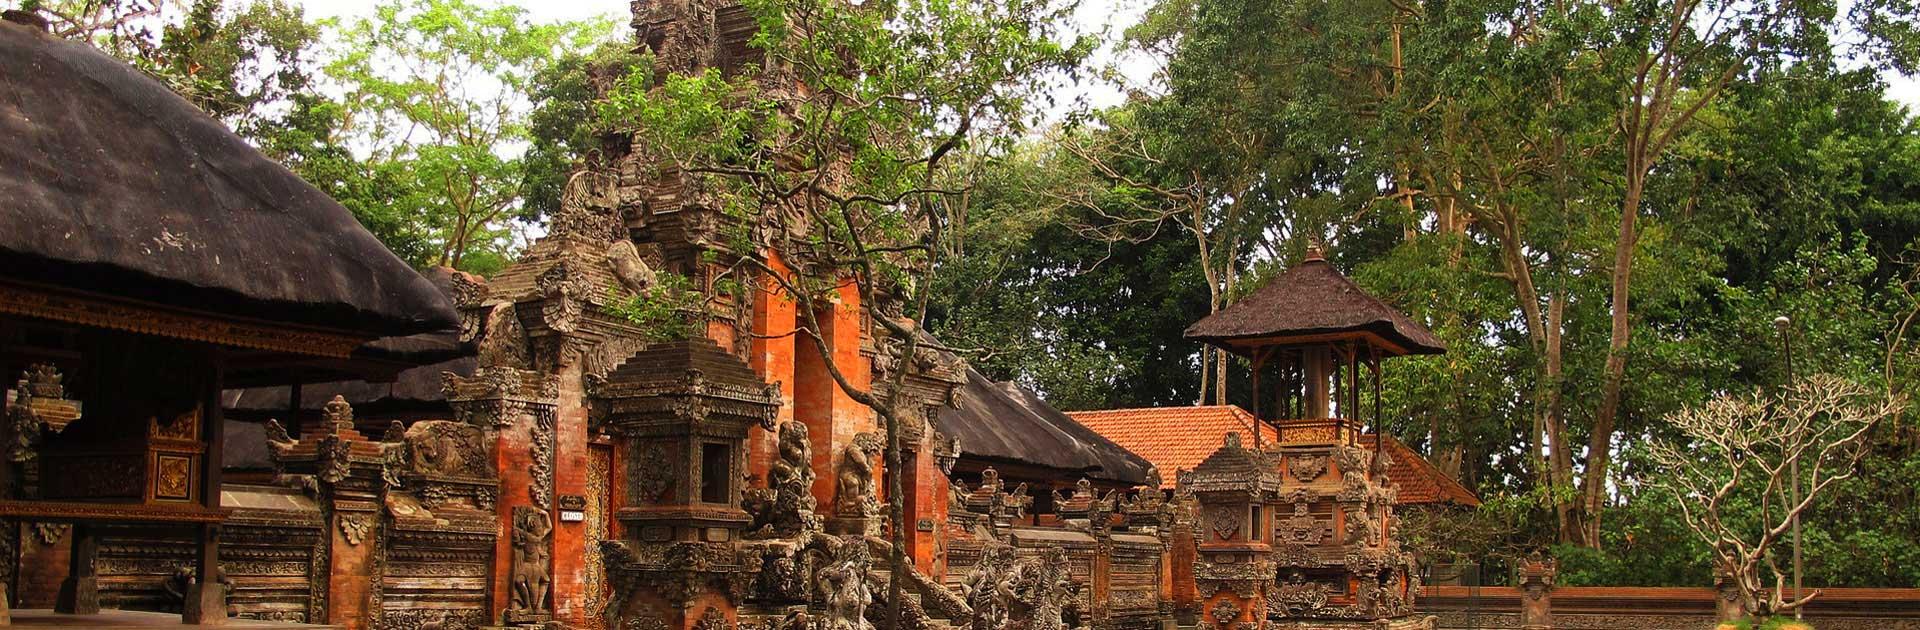 ID Bali y Komodo 12 días 3